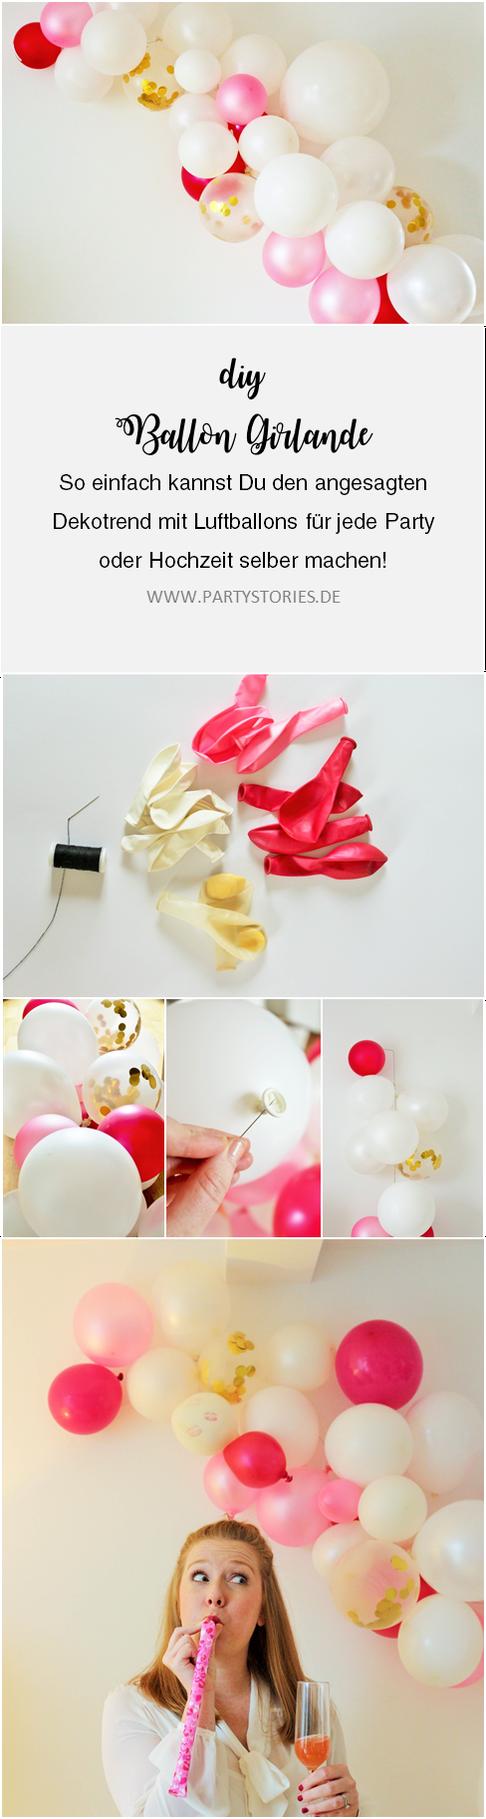 DIY Luftballon Girlande // So einfach kannst Du angesagte Deko mit Luftballons für deine Party, die Hochzeit, den Geburtstag, den JGA, die Bridalshower, die Babyparty und für jeden anderen Anlass selber machen! gefunden auf www.partystories.de